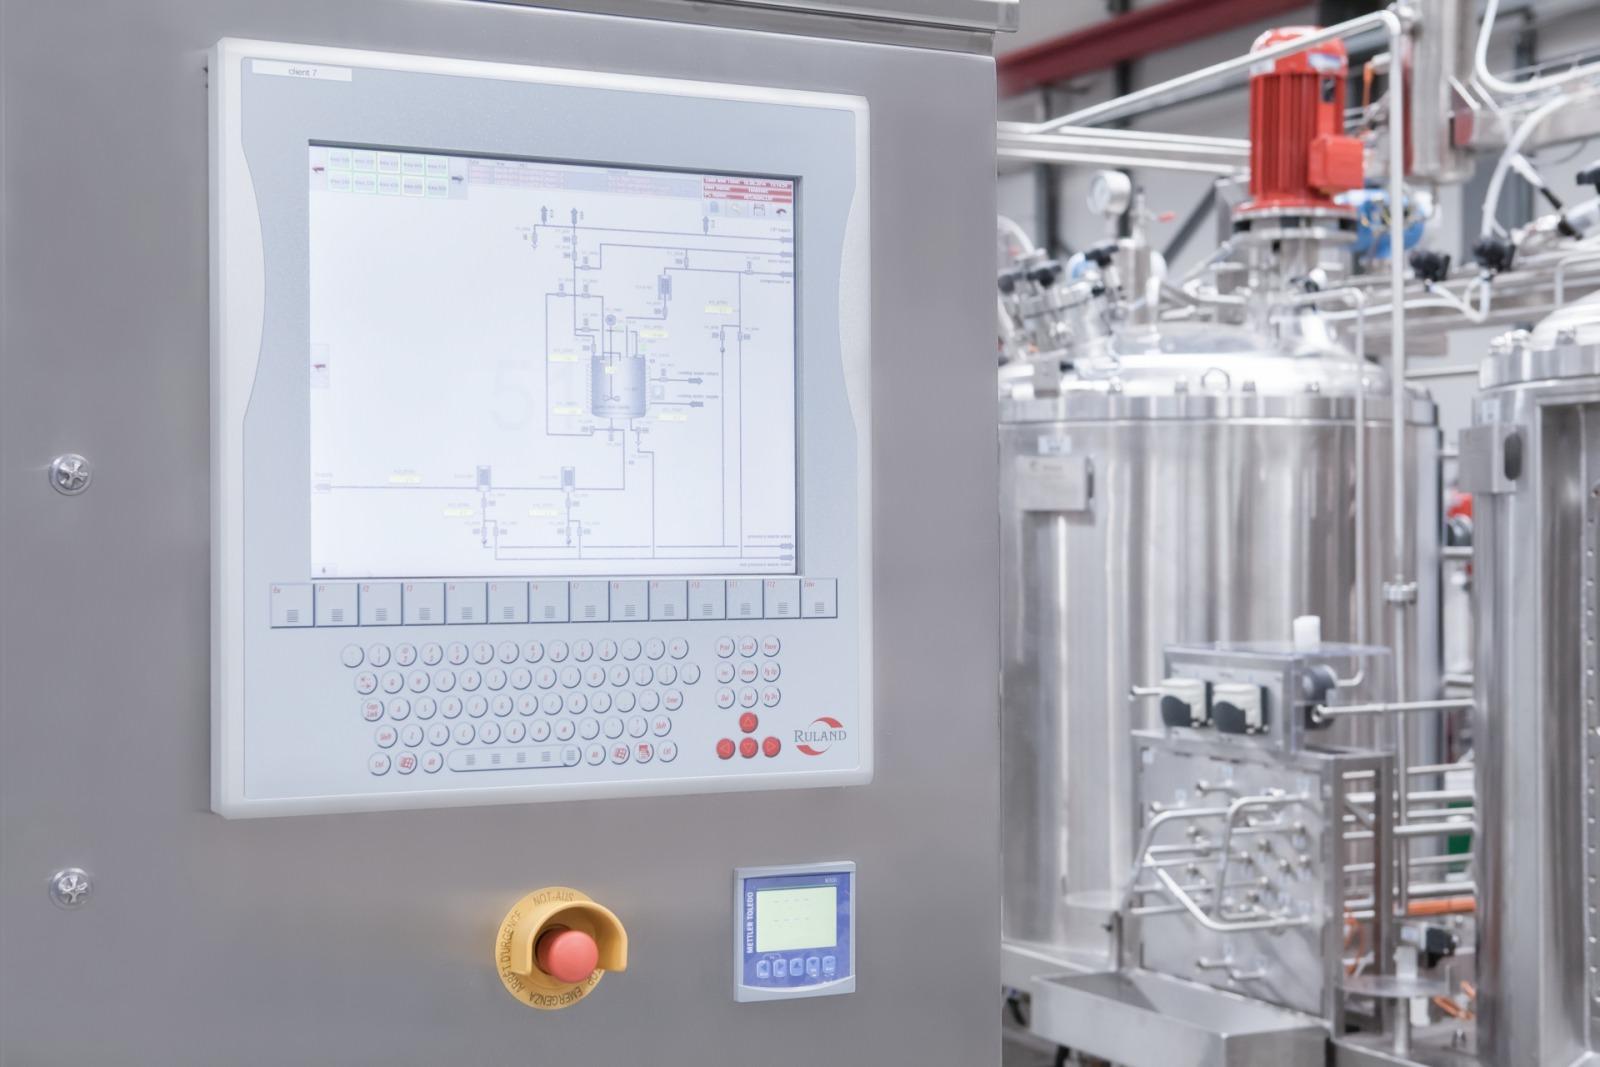 Zdjęcie panela dotykowego układu procesowego